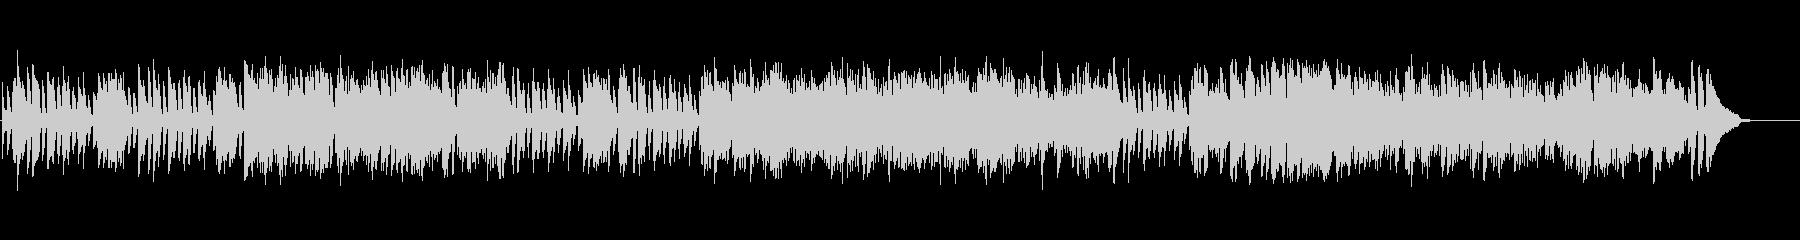 高貴で快活なチェンバロ バロック・高音質の未再生の波形